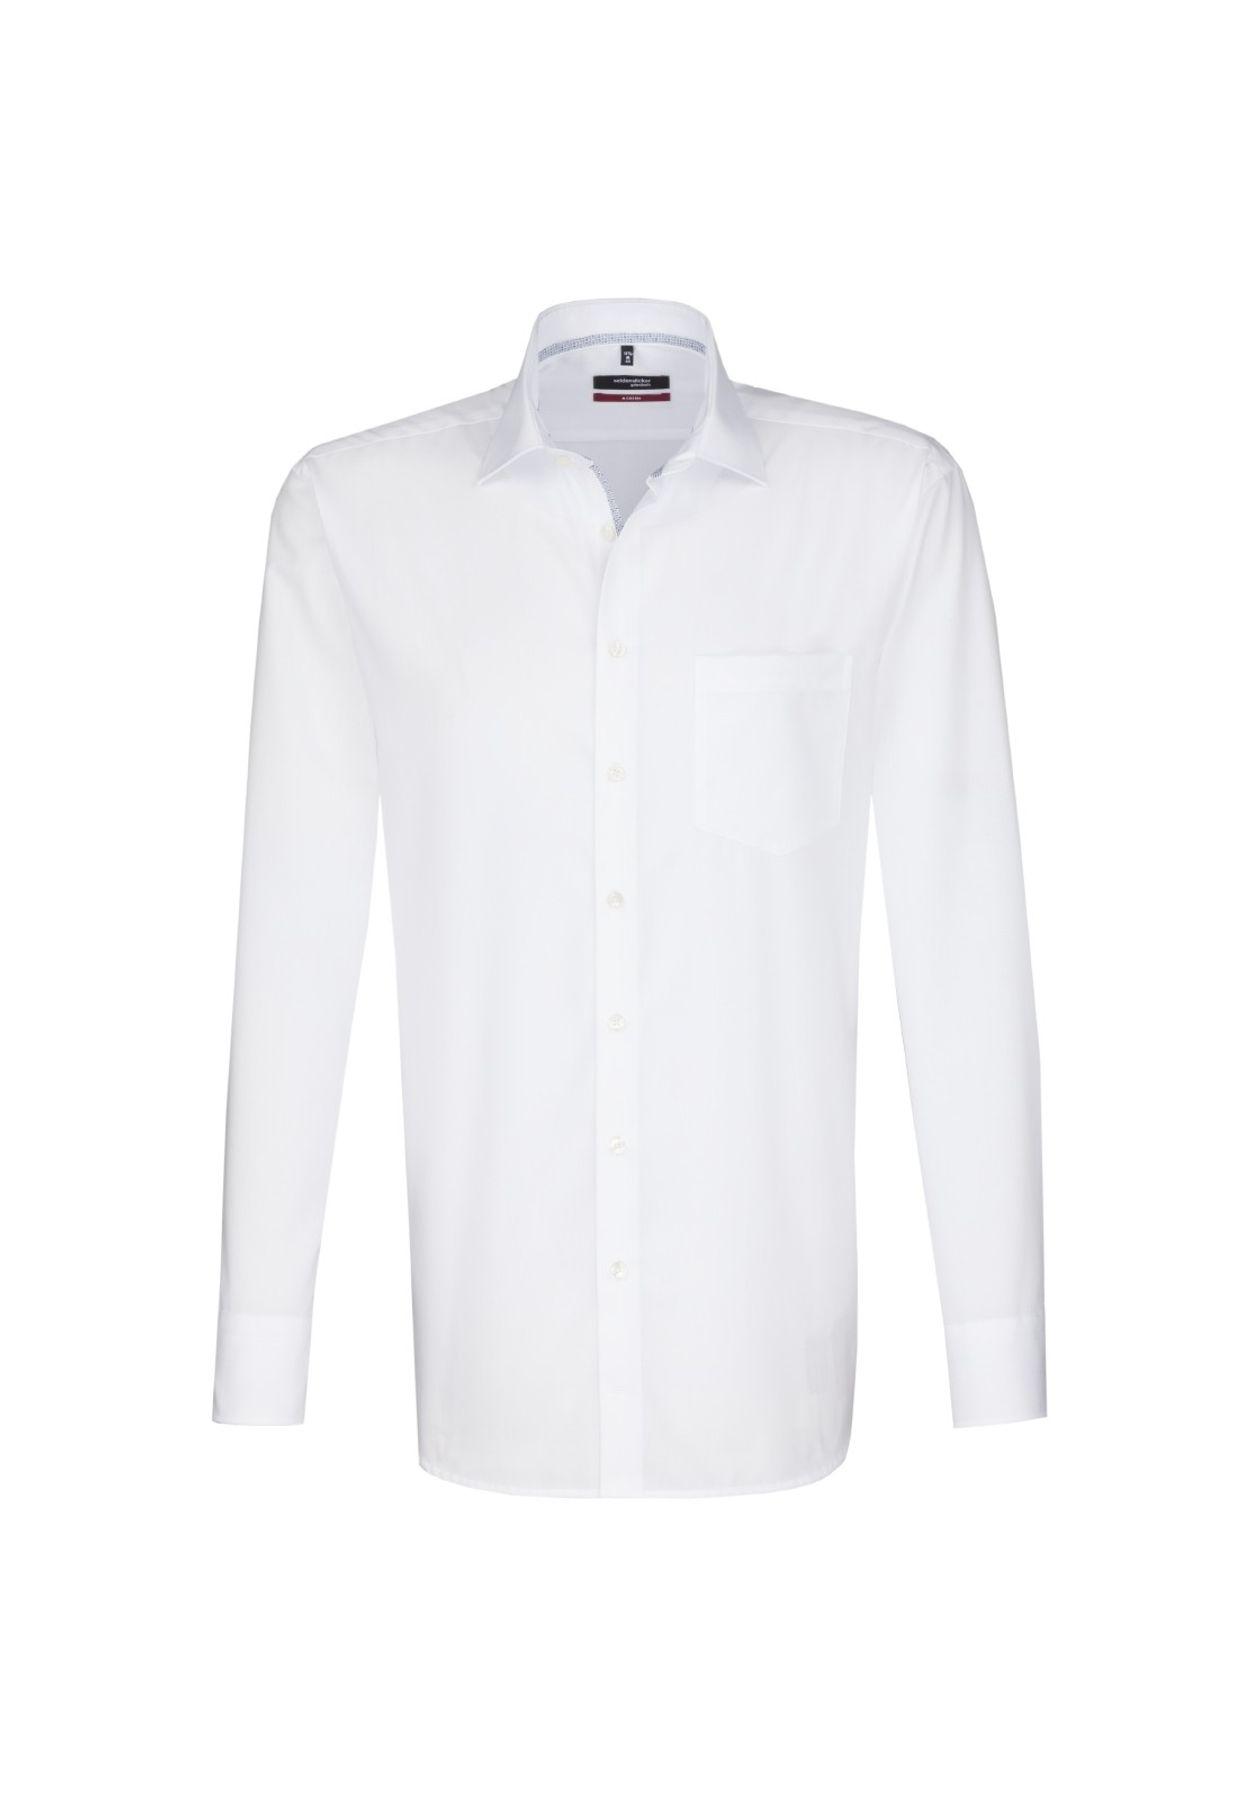 Seidensticker - Herren Hemd, Bügelfrei, Modern, Splendesto mit Kent Kragen in verschiedenen Farben (01.111846) – Bild 1